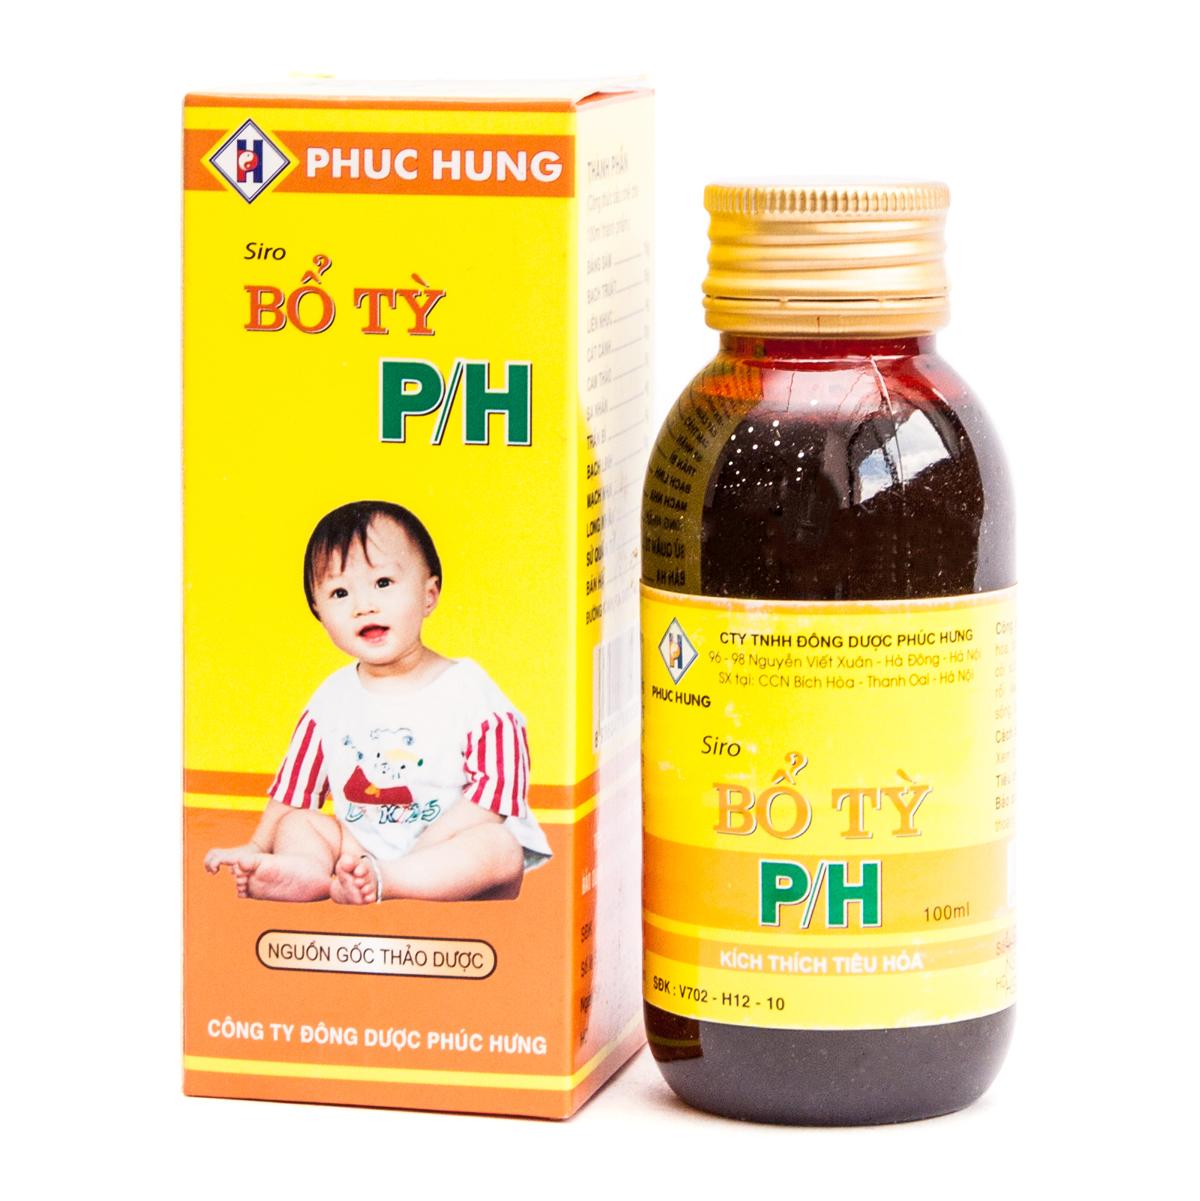 Siro ho PH cho trẻ từ 1 tuổi